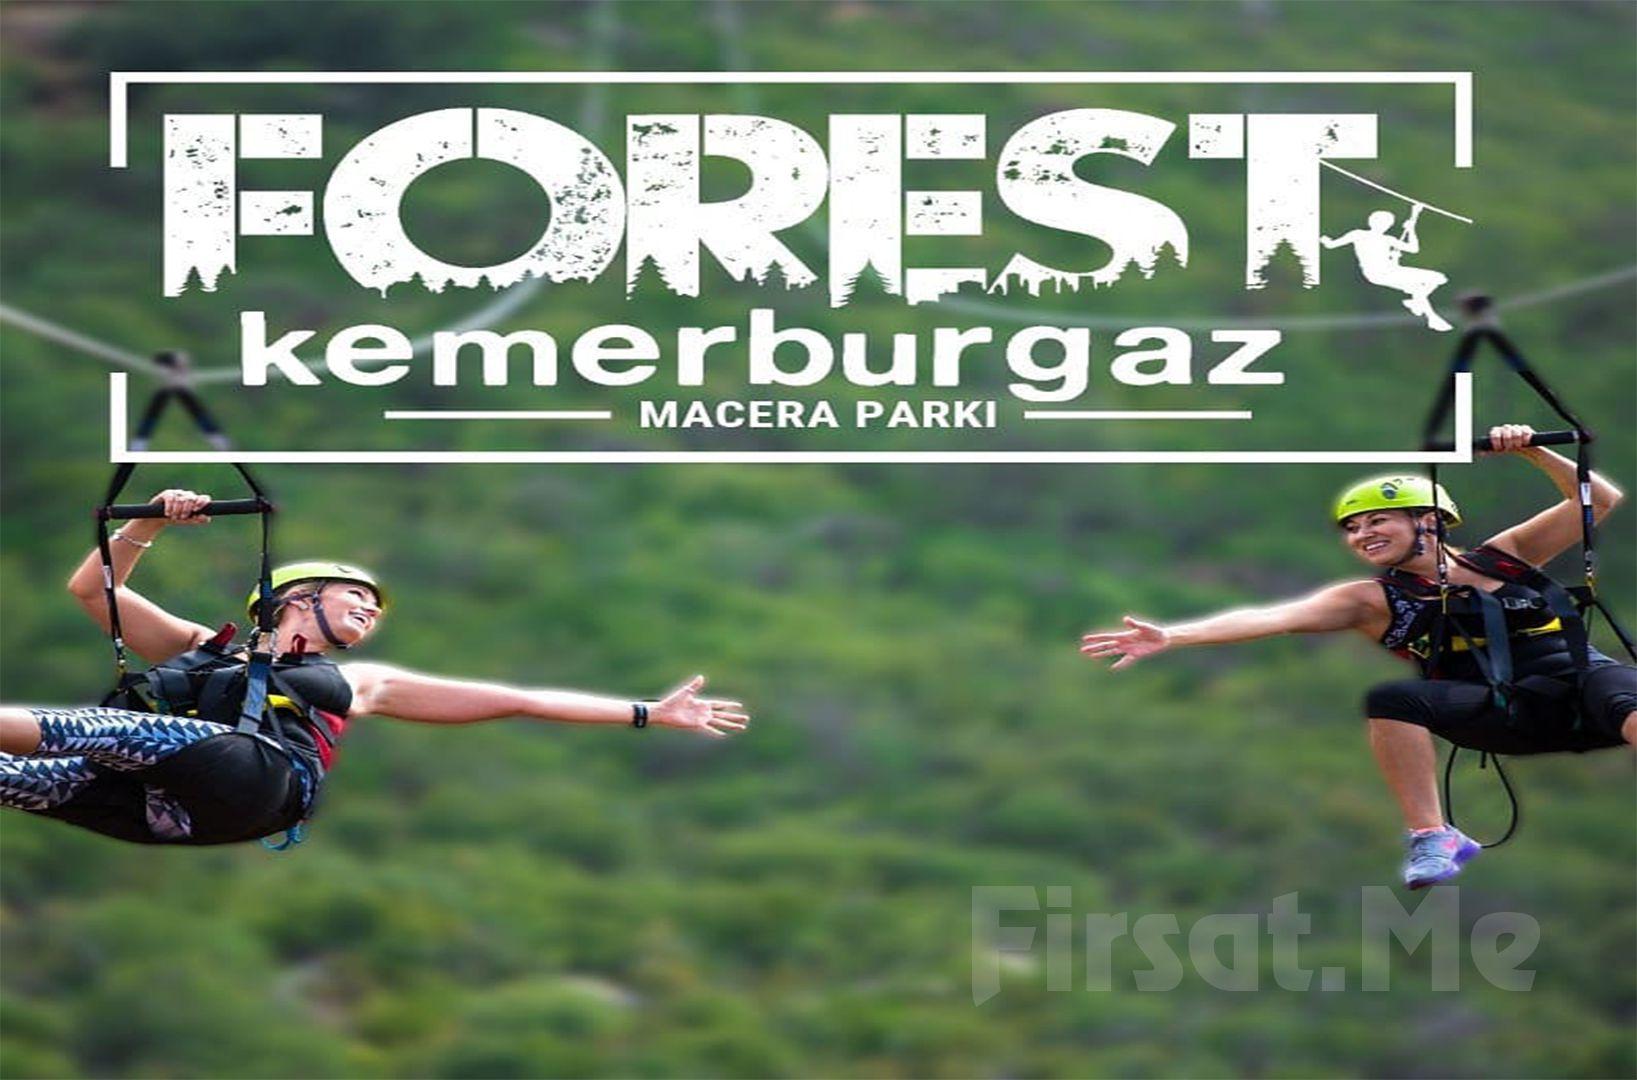 Forest Kemerburgaz